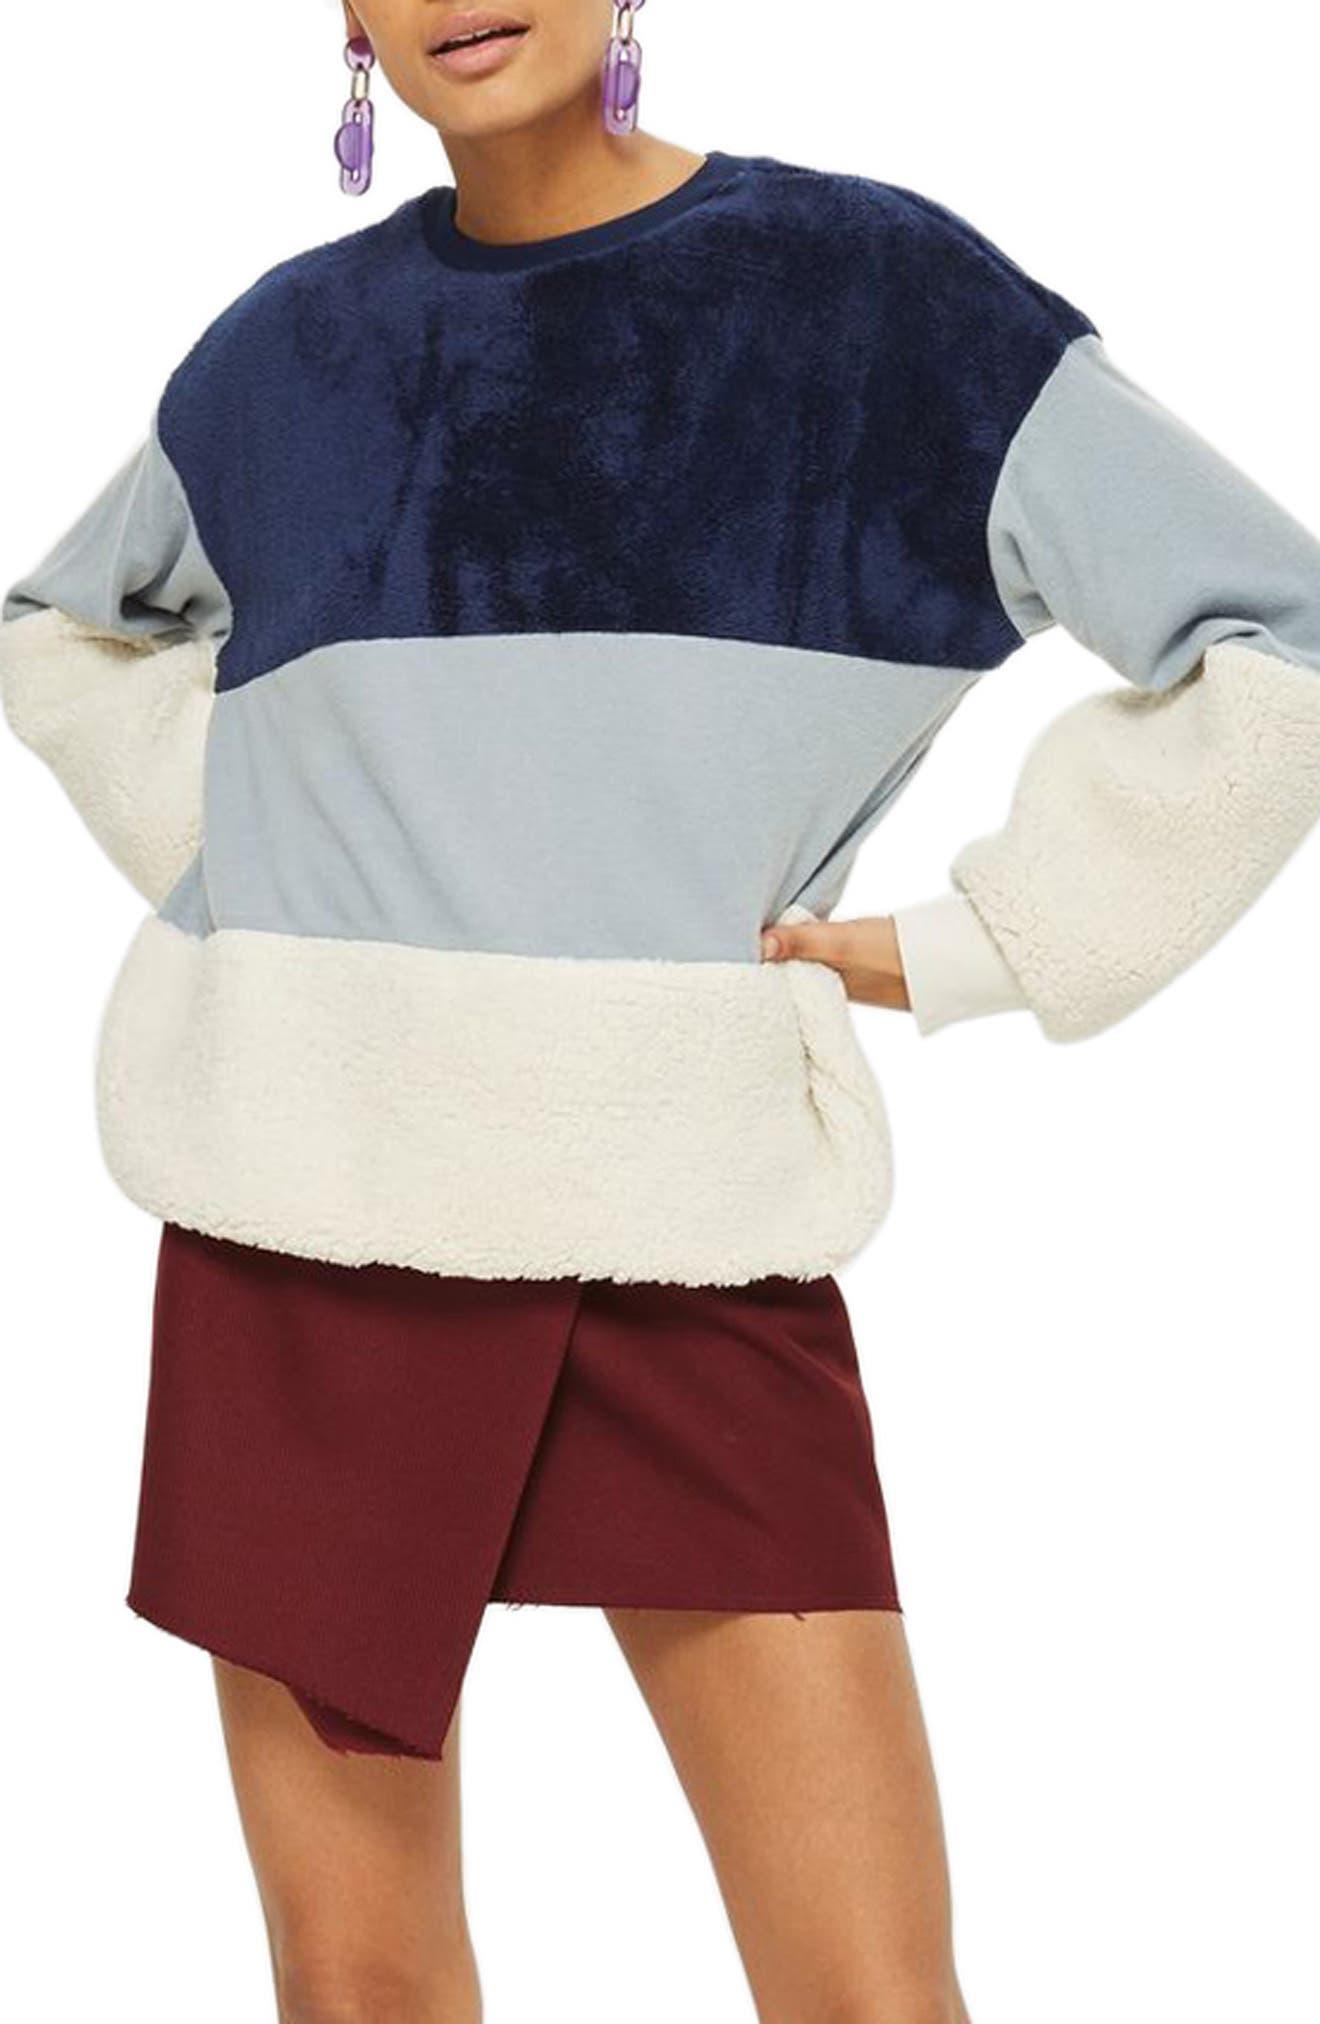 Alternate Image 1 Selected - Topshop Colorblock Fleece Sweatshirt